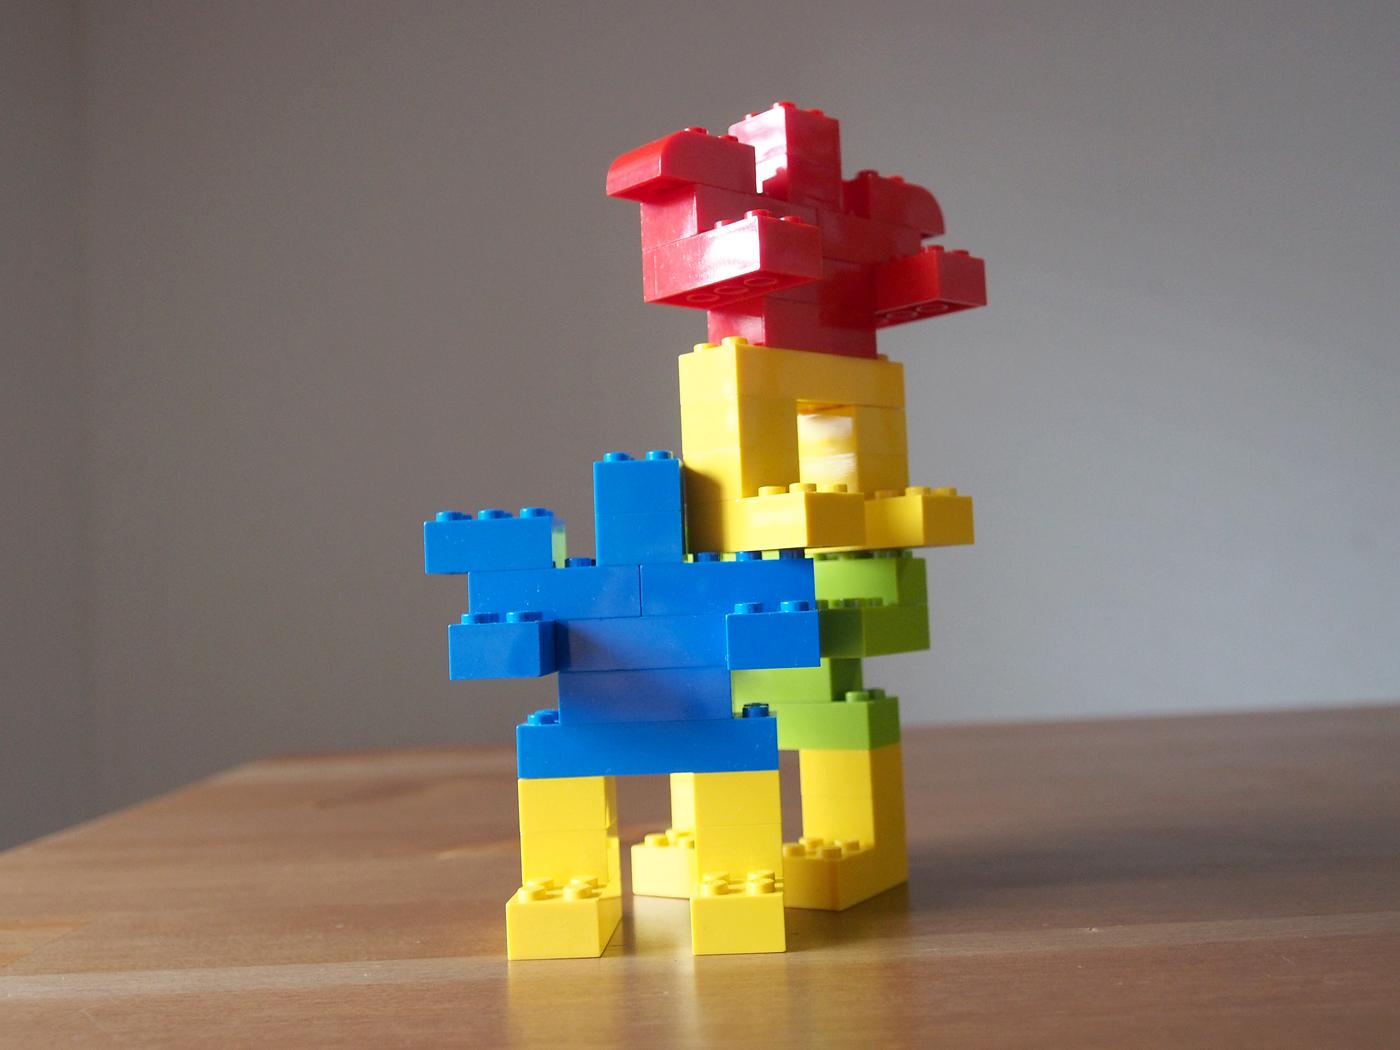 レゴで簡単なロボット